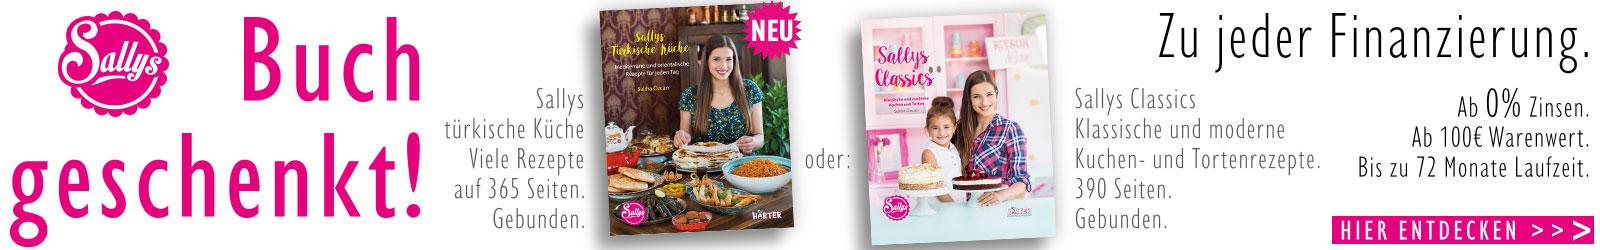 Erstklassige Küchenmaschinen hier im Onlineshop!